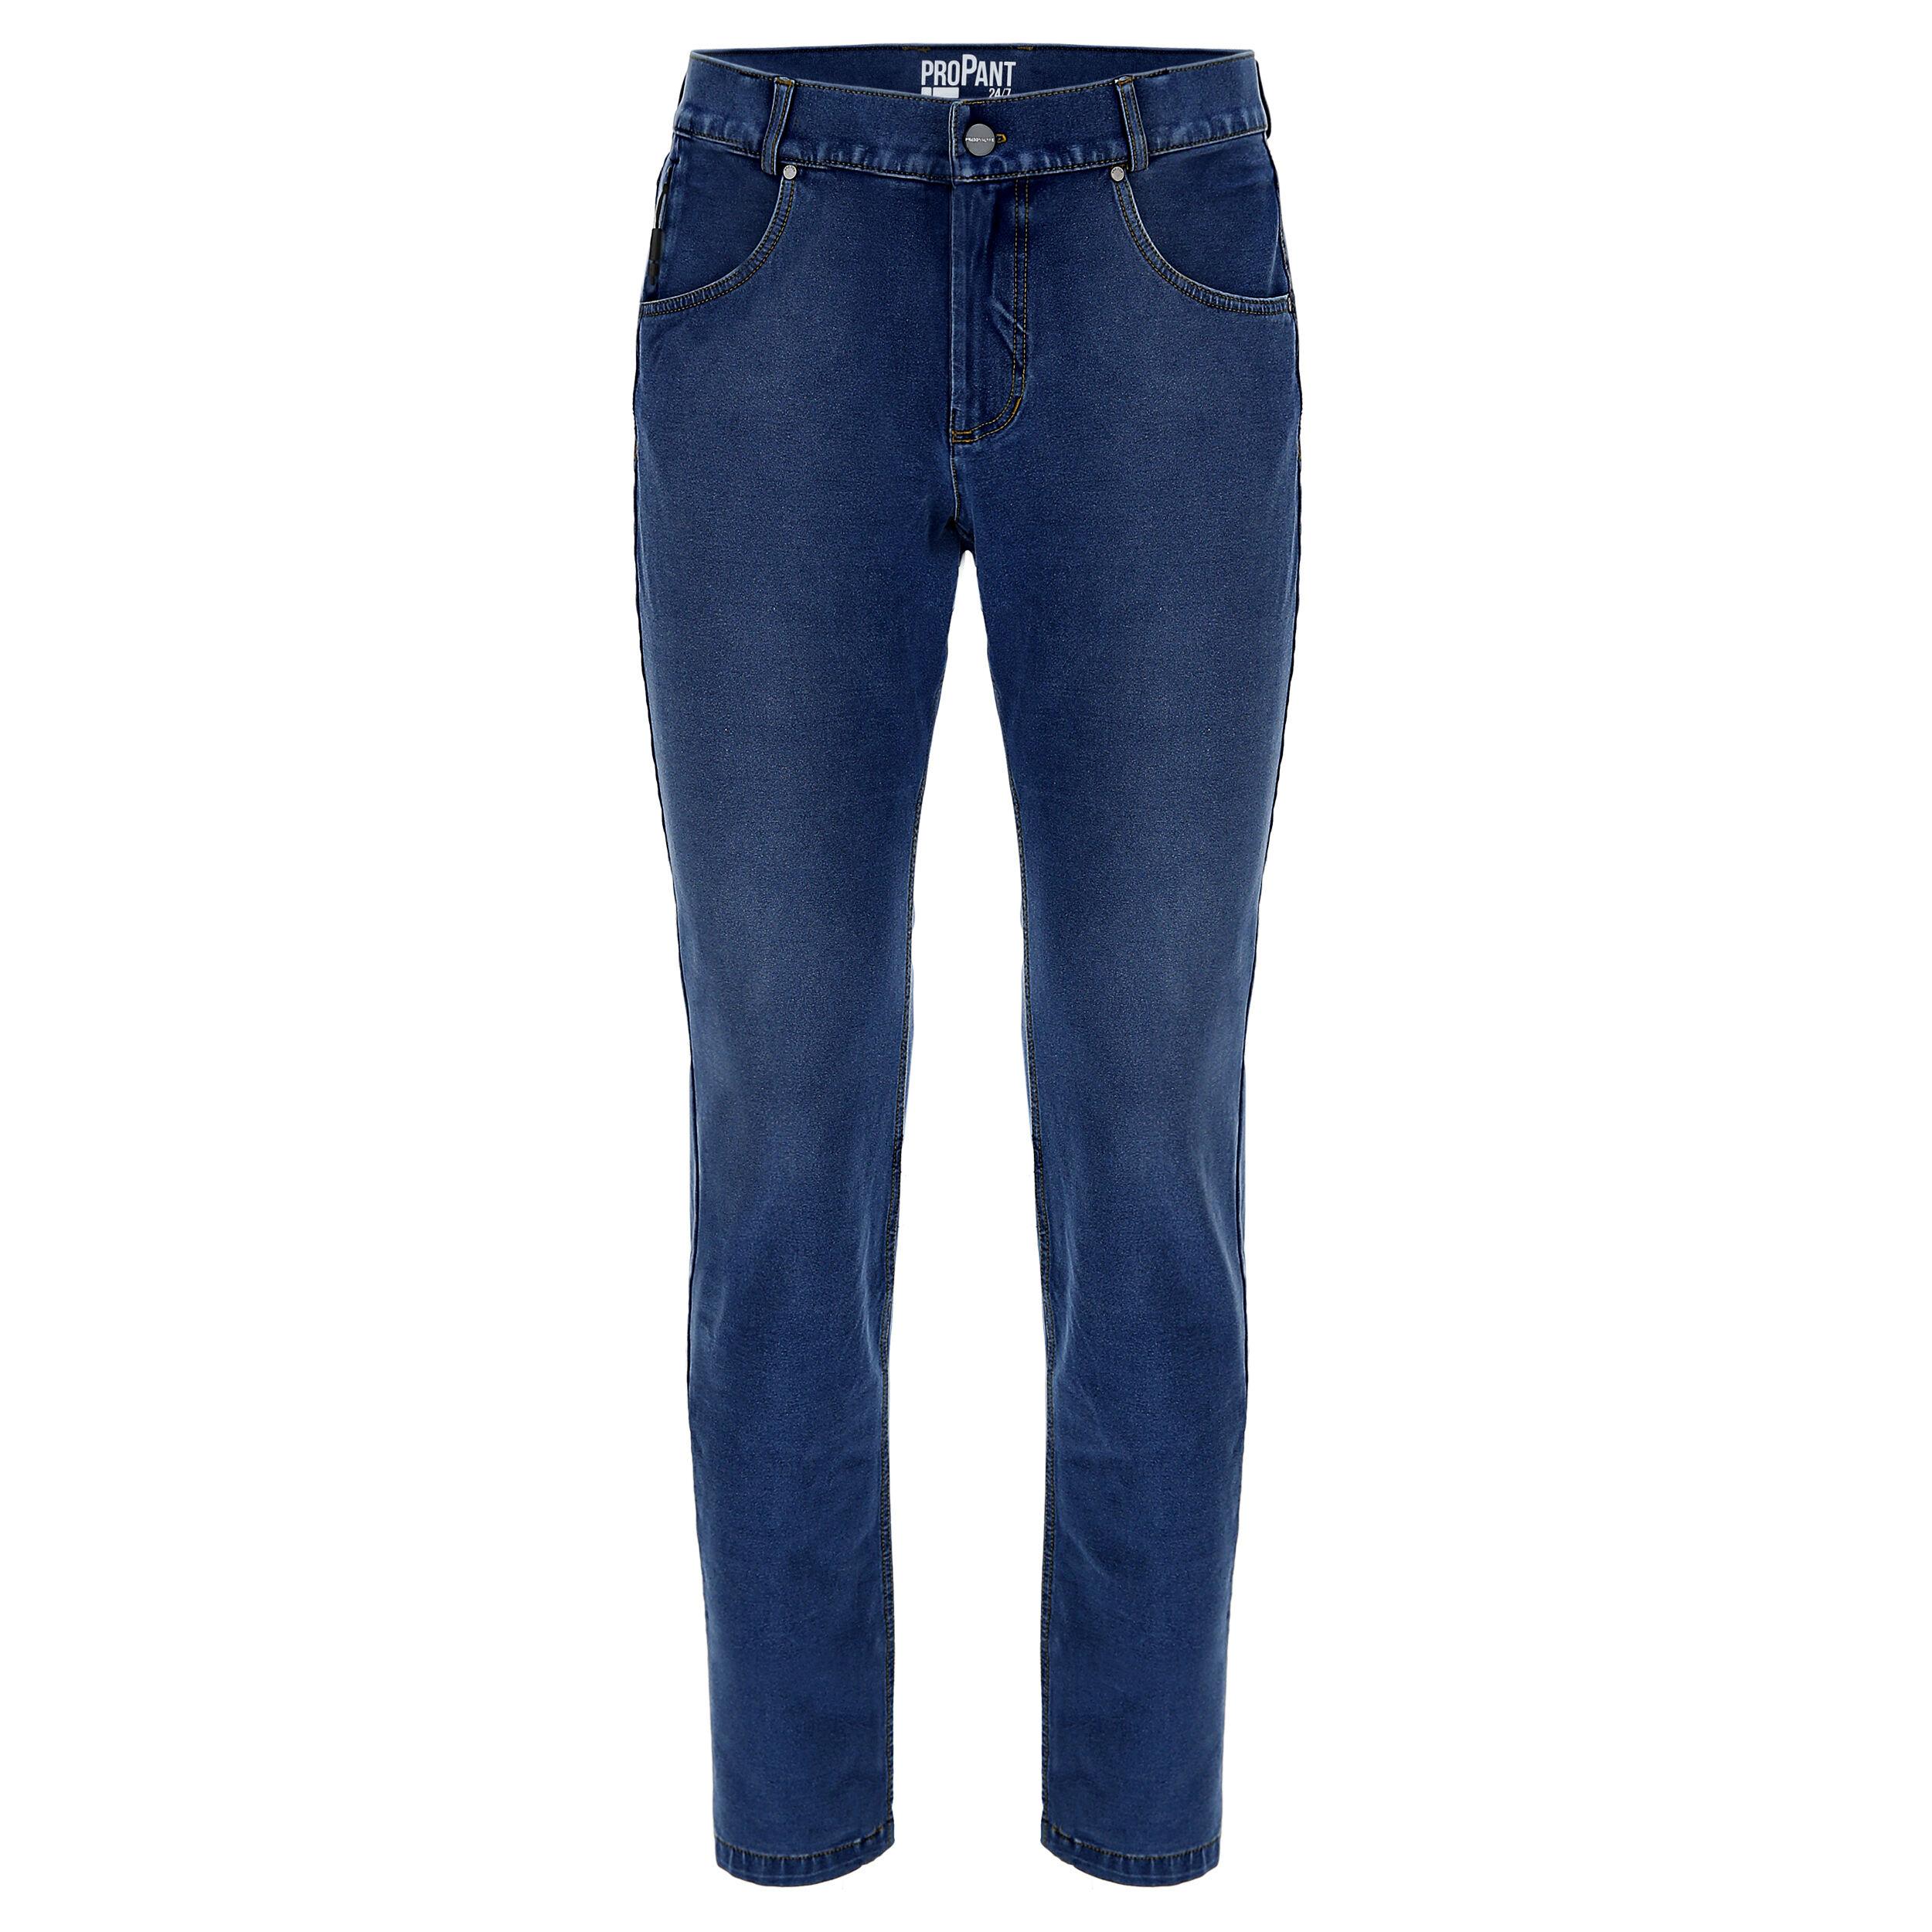 Freddy Pantalone lungo con supporto intimo doppio cambio Jeans Scuro-Cuciture Gialle